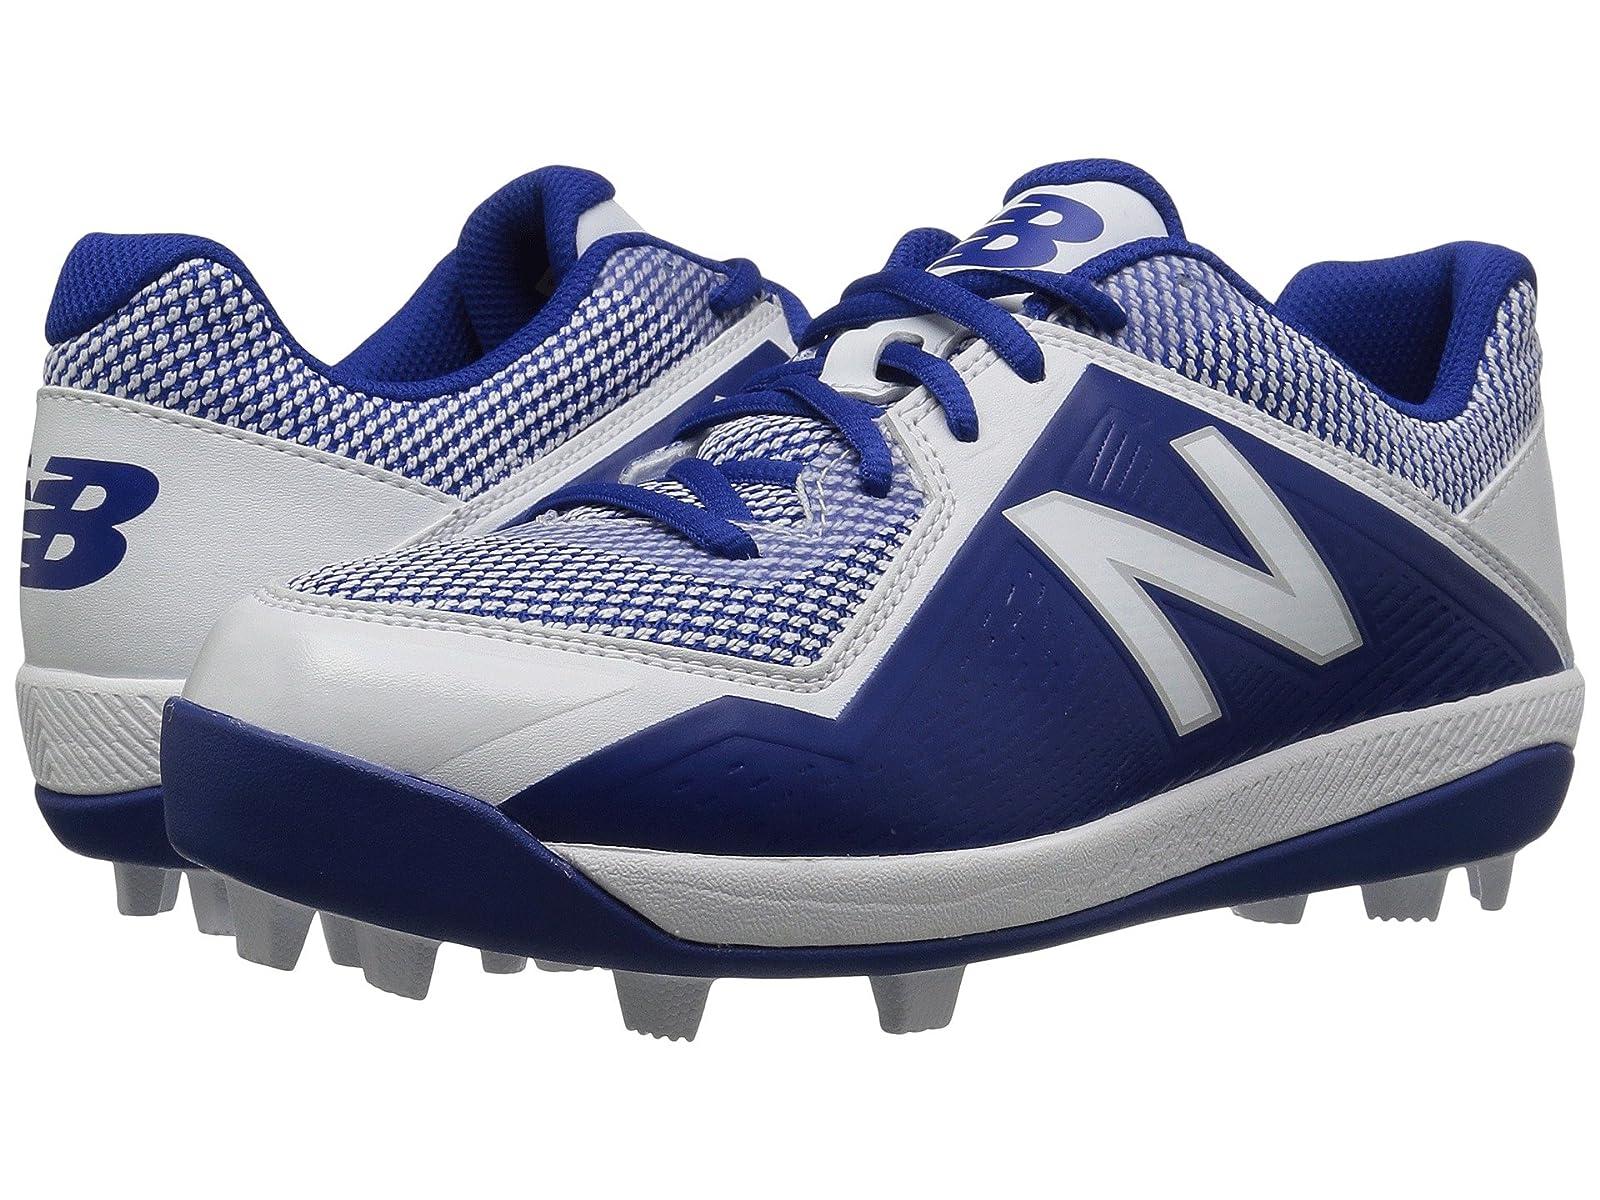 New Balance Kids J4040v4 Baseball (Little Kid/Big Kid)Atmospheric grades have affordable shoes